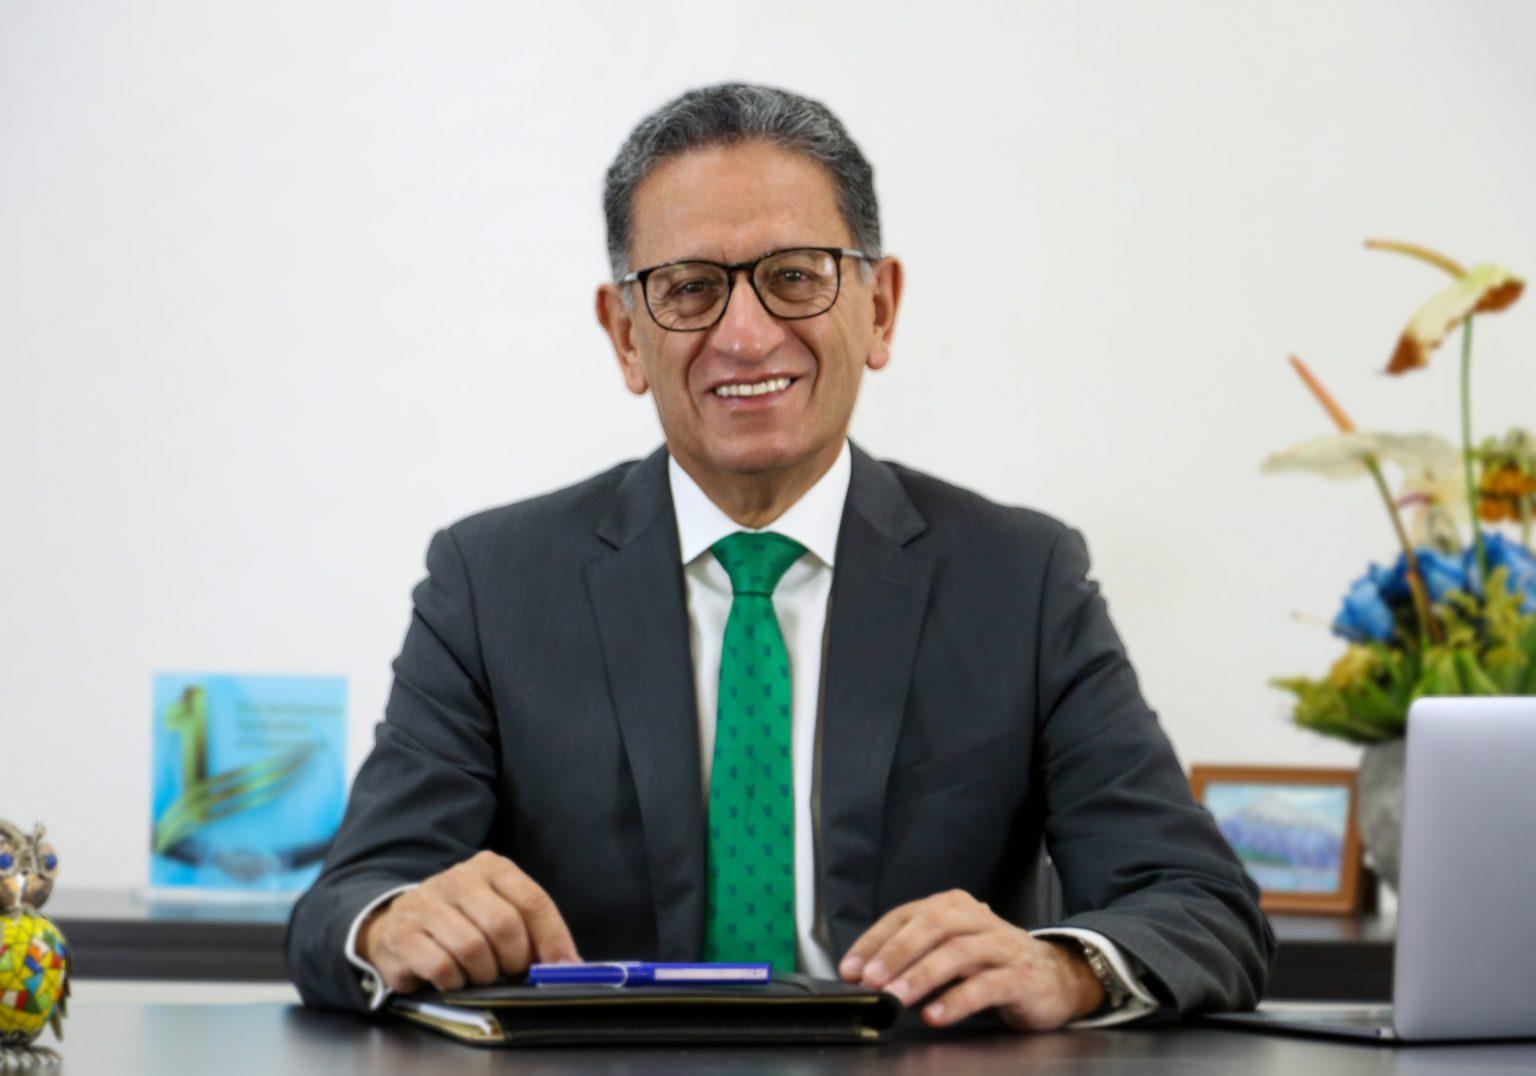 Juan Carlos Bermeo Calderón es el nuevo Ministro de Energía y Recursos Naturales No Renovables de Ecuador